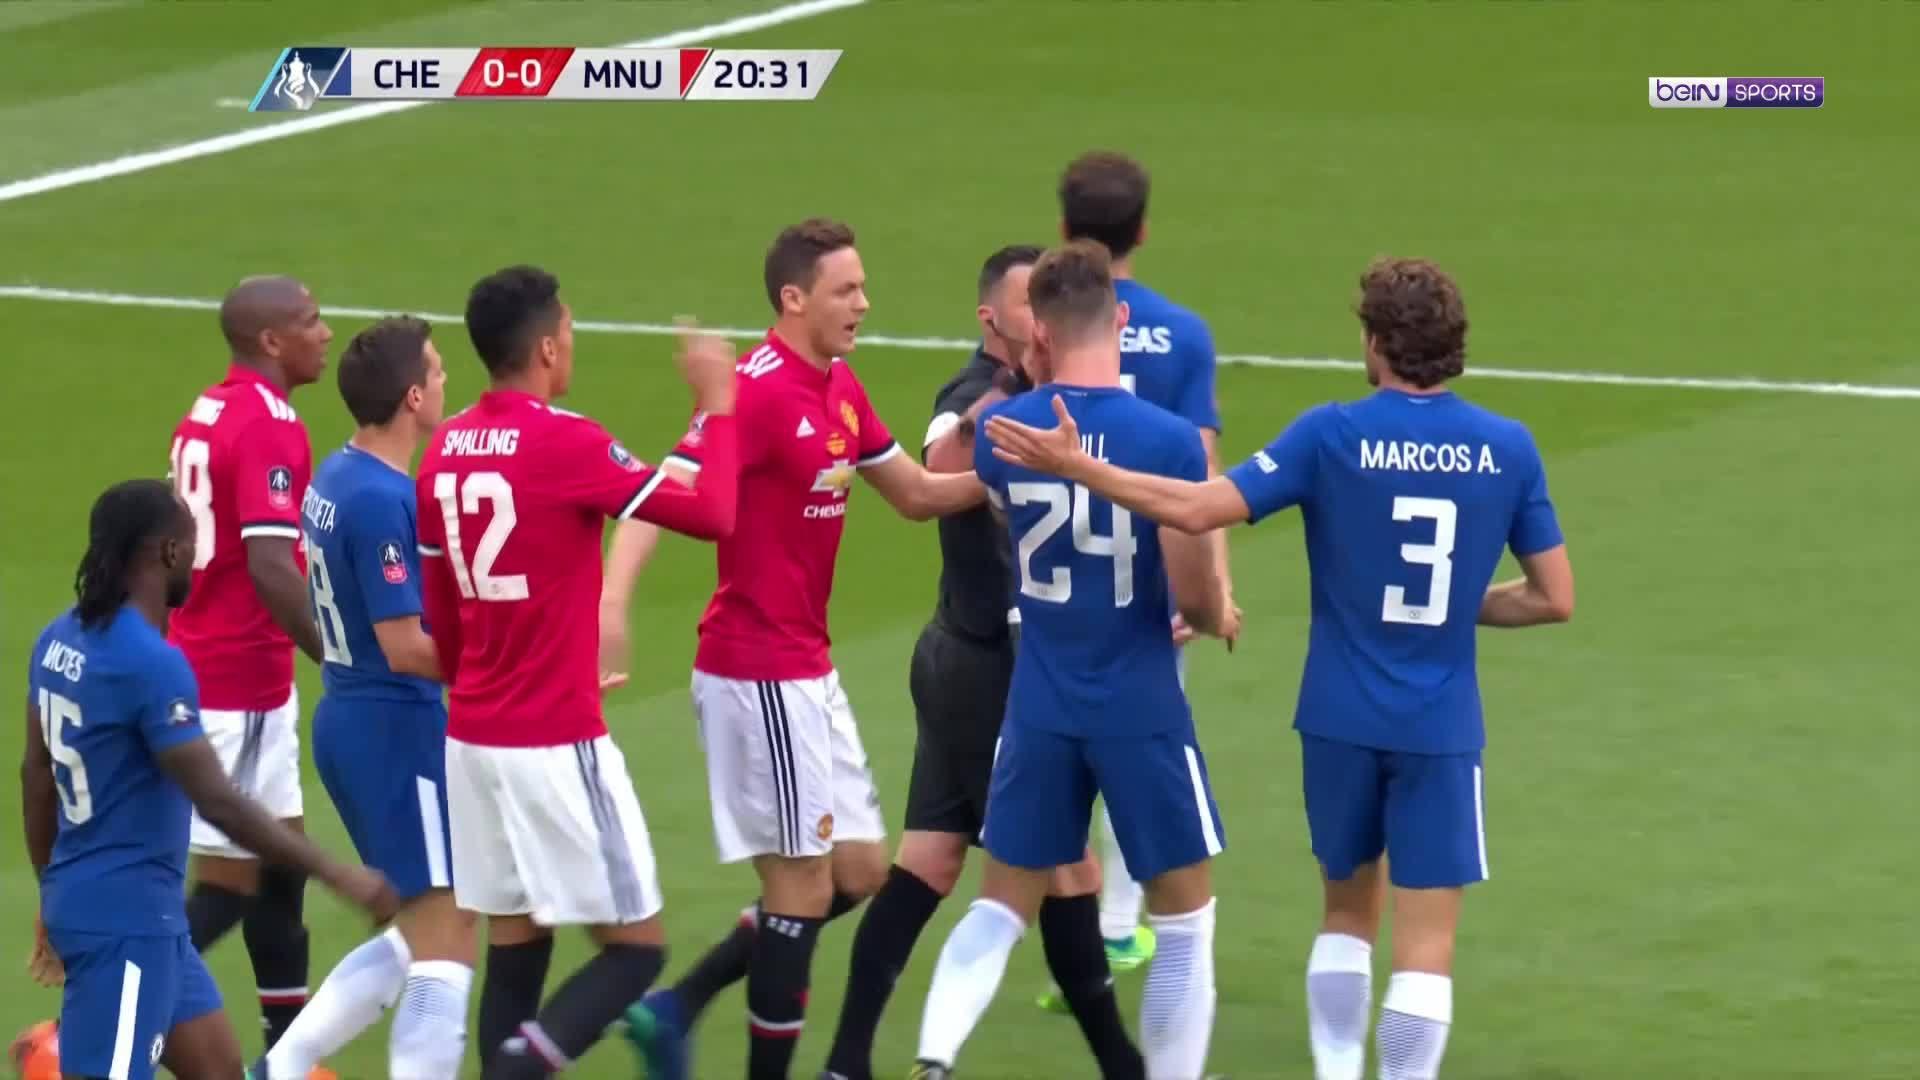 Chelsea 1-0 Man Utd